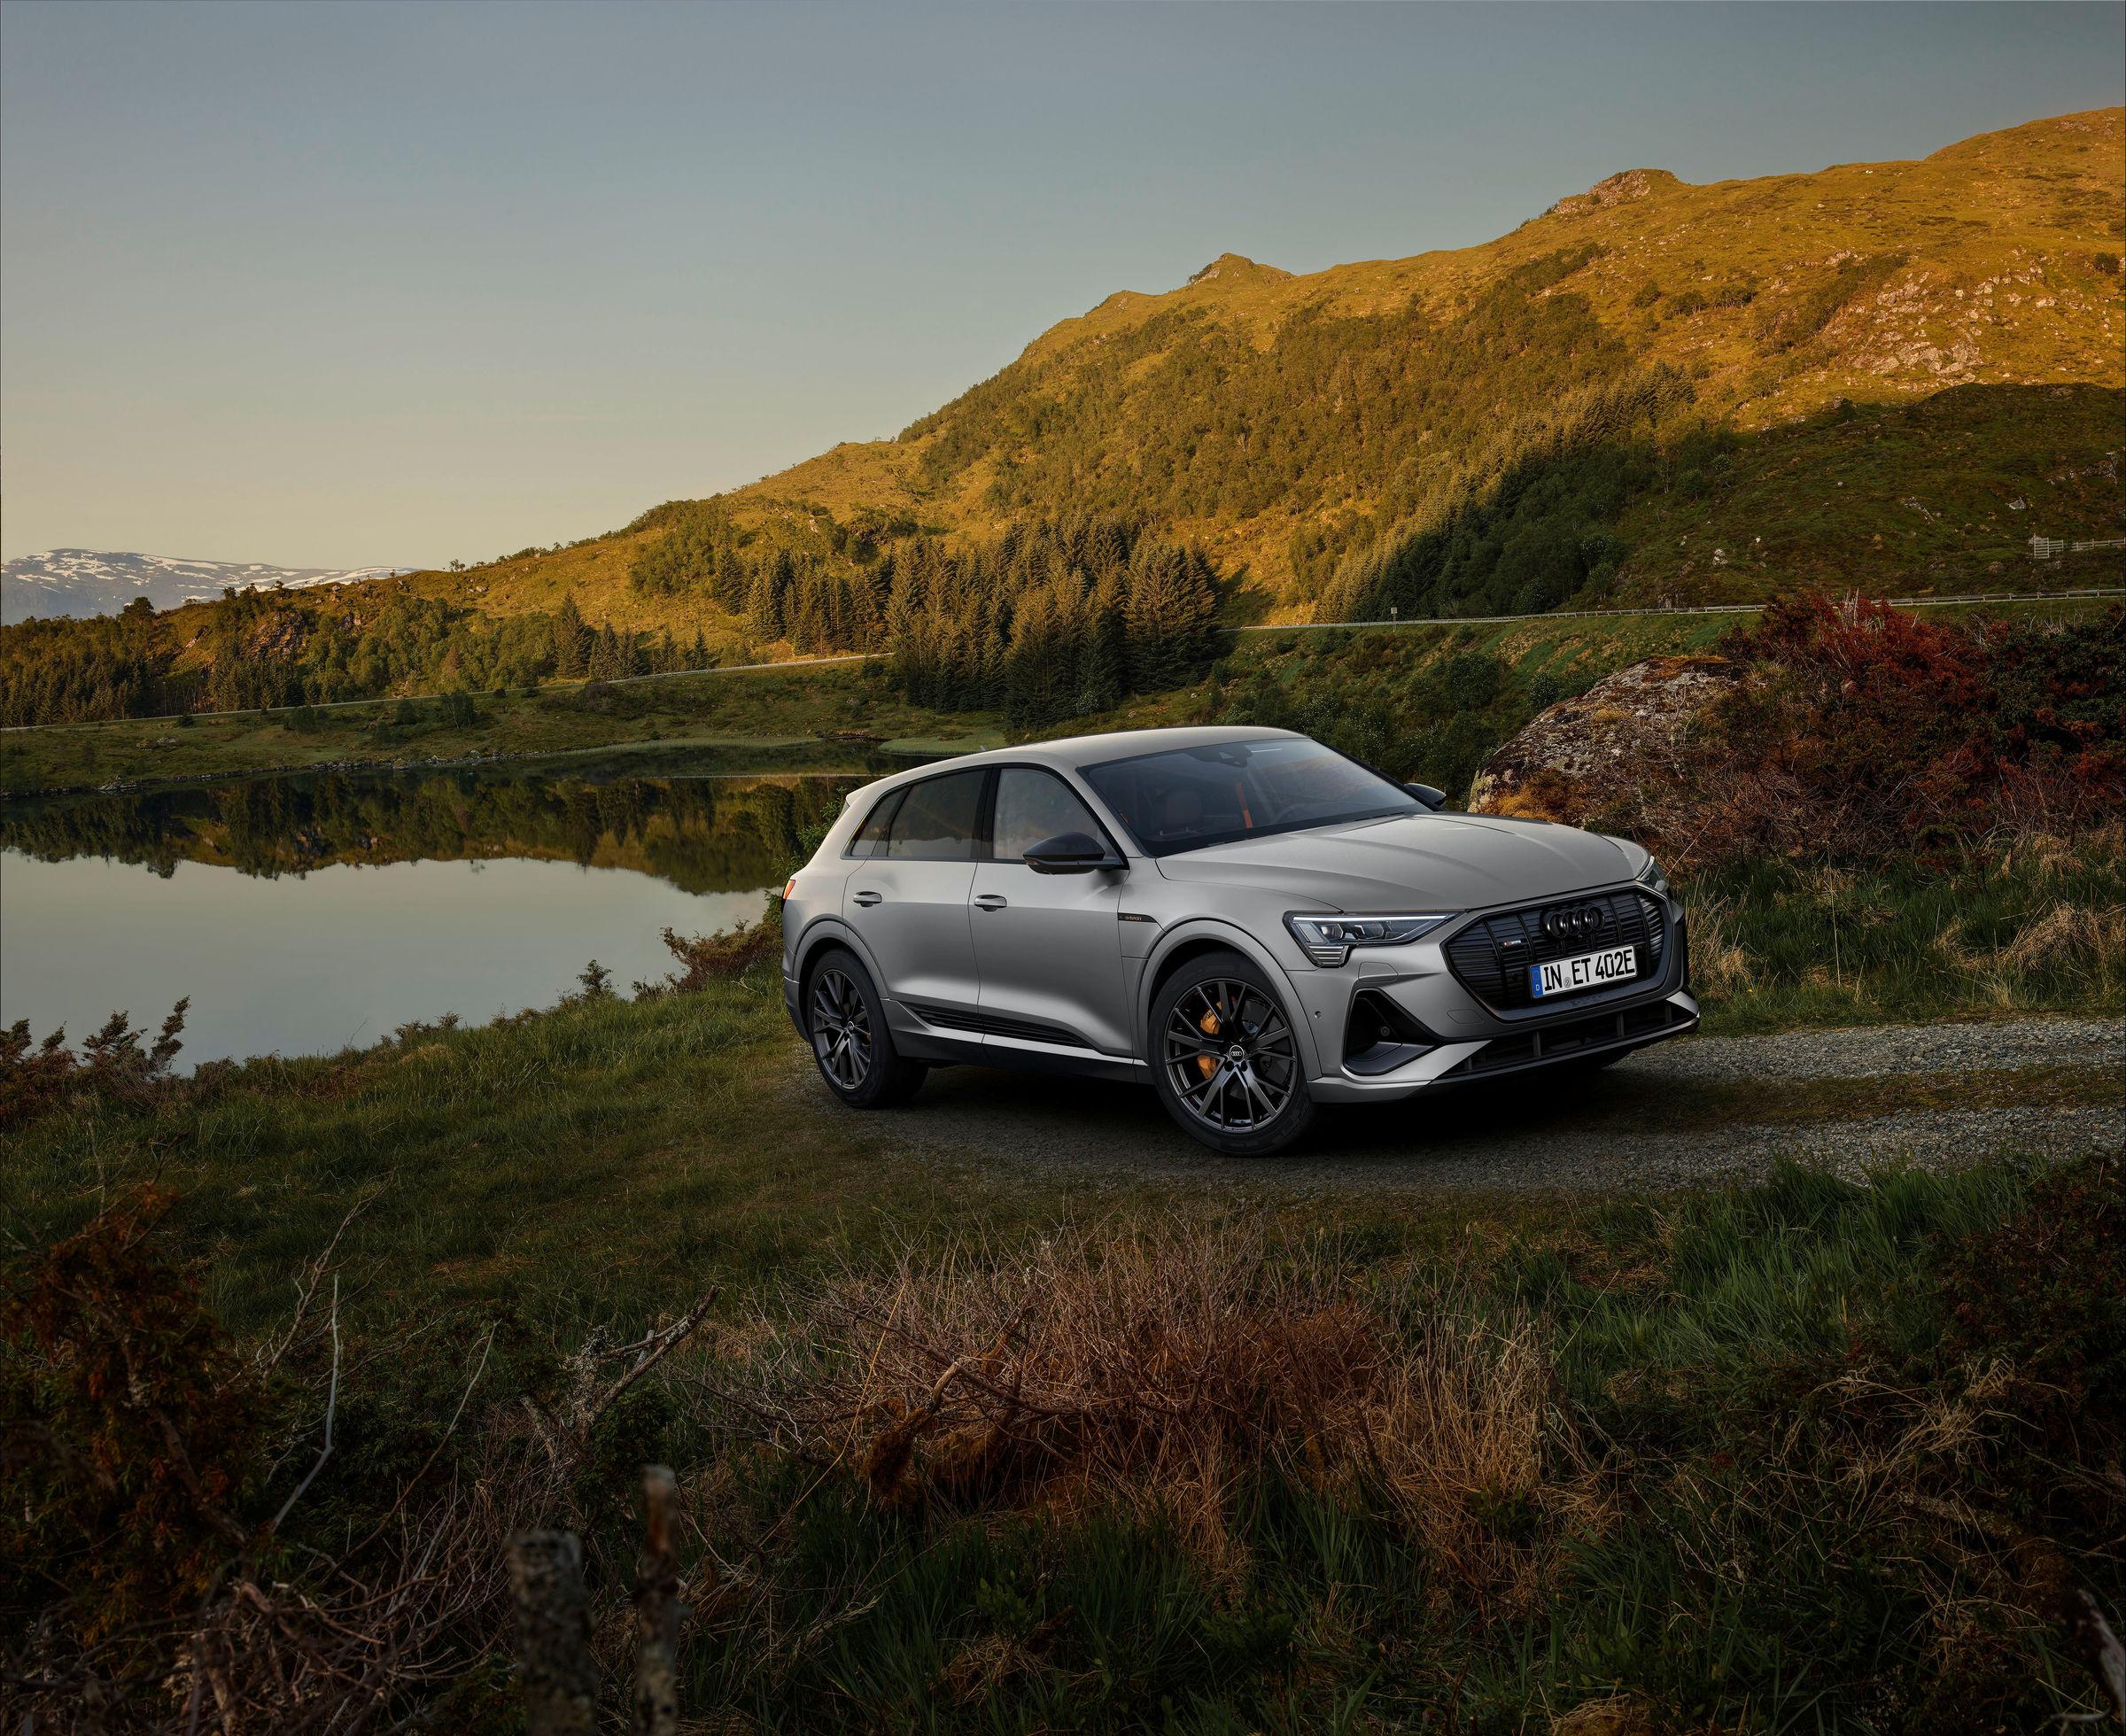 Nuove Audi e-tron S line black edition: 408 CV per le vetture elettriche.